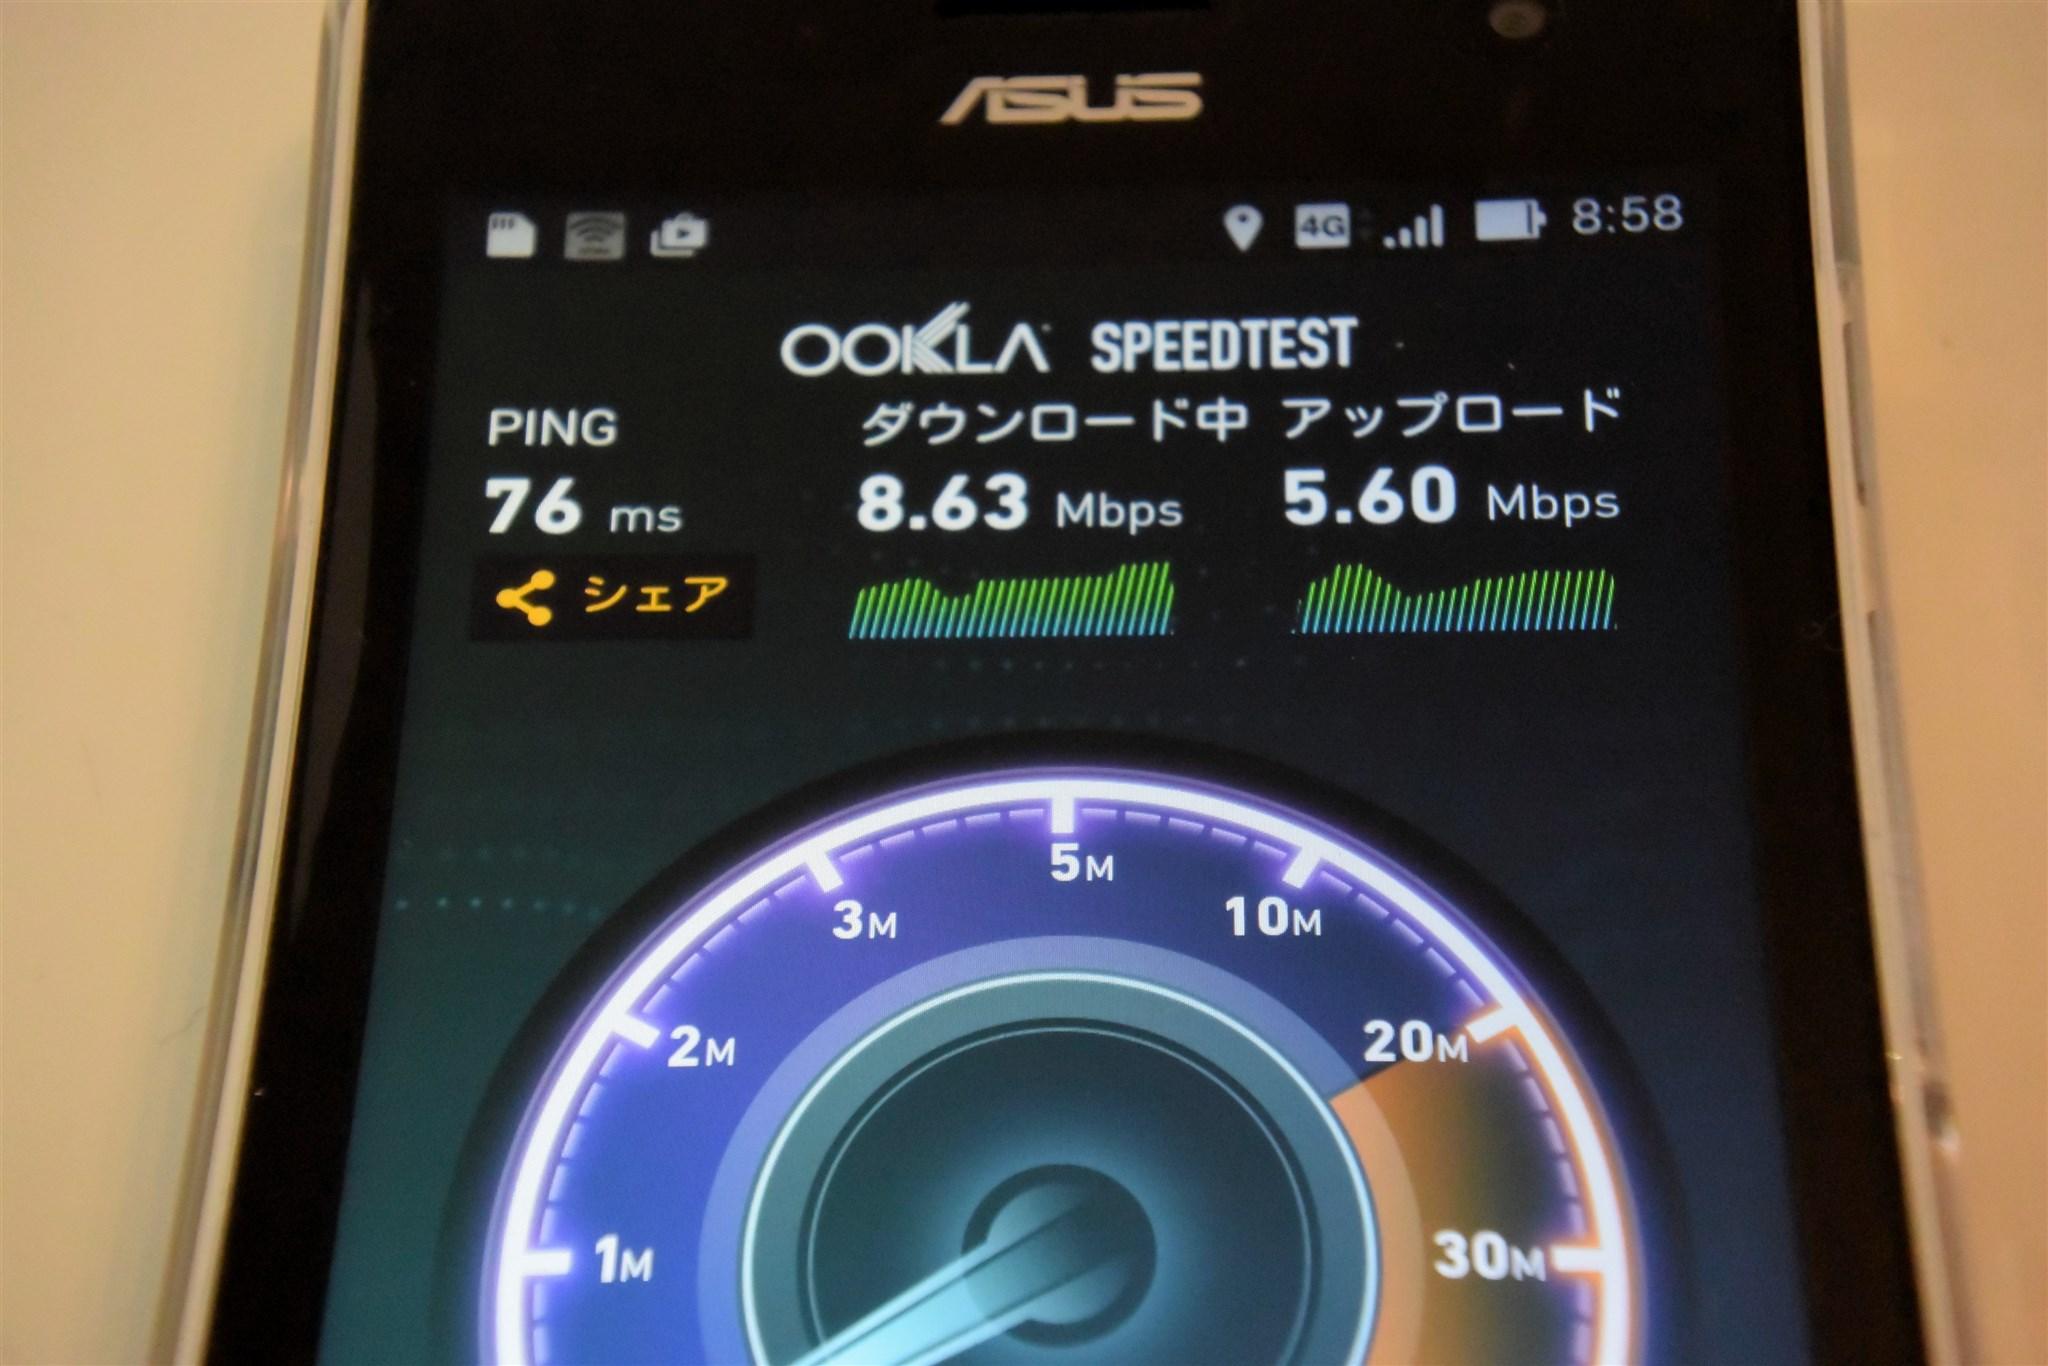 NifMo vs OCNモバイルONEのスピードテストはNifMo圧勝という結果